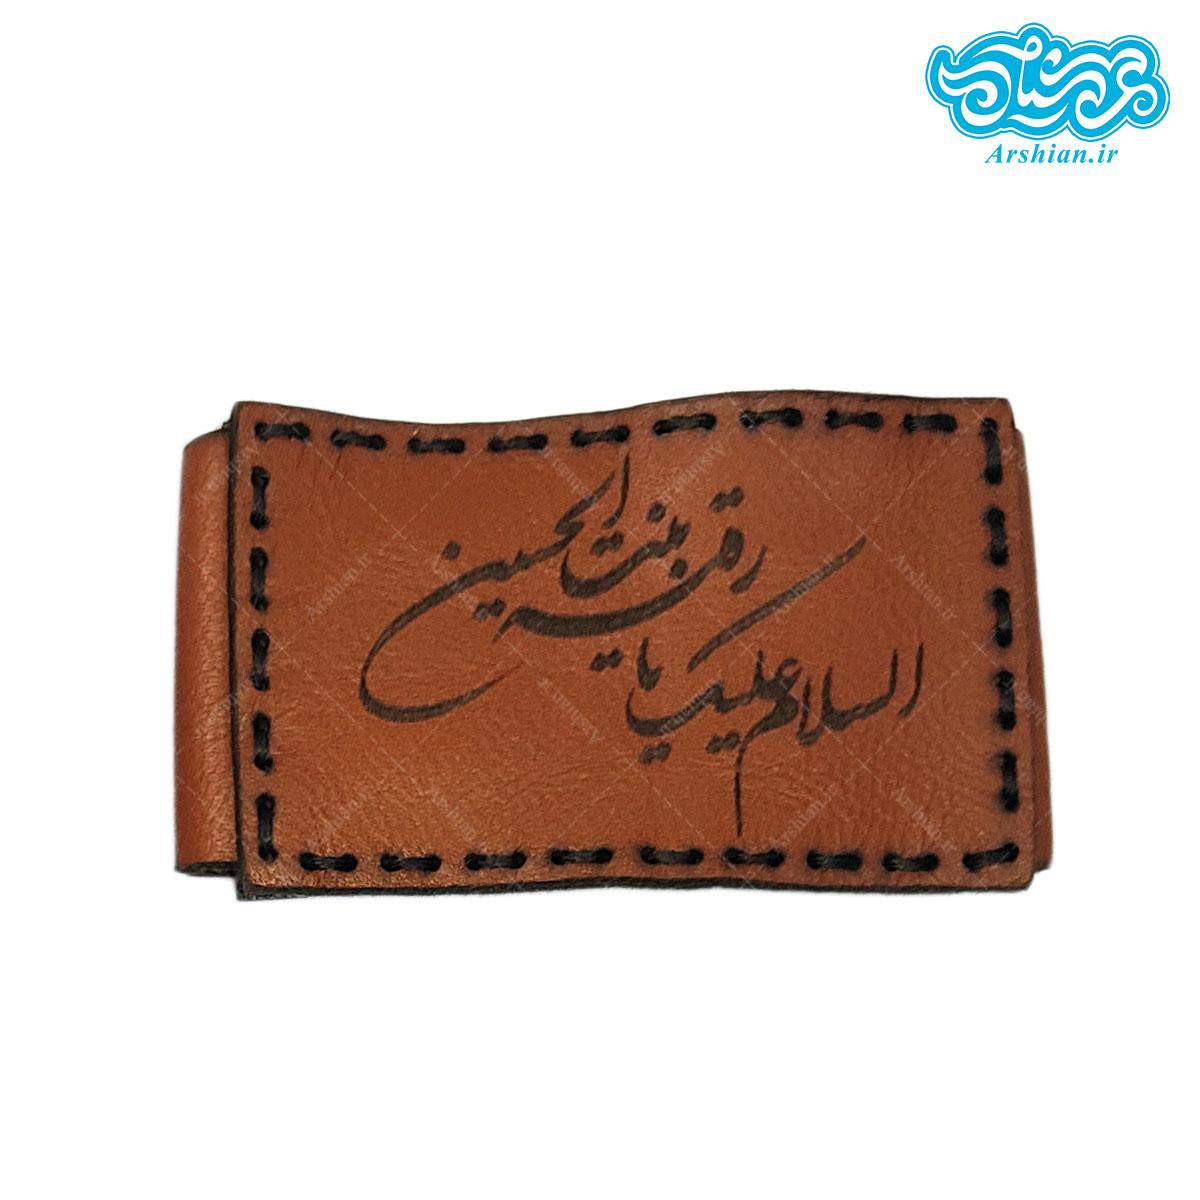 بازوبند چرم باطرح السلام علیک یا رقیه بنت الحسین کد002